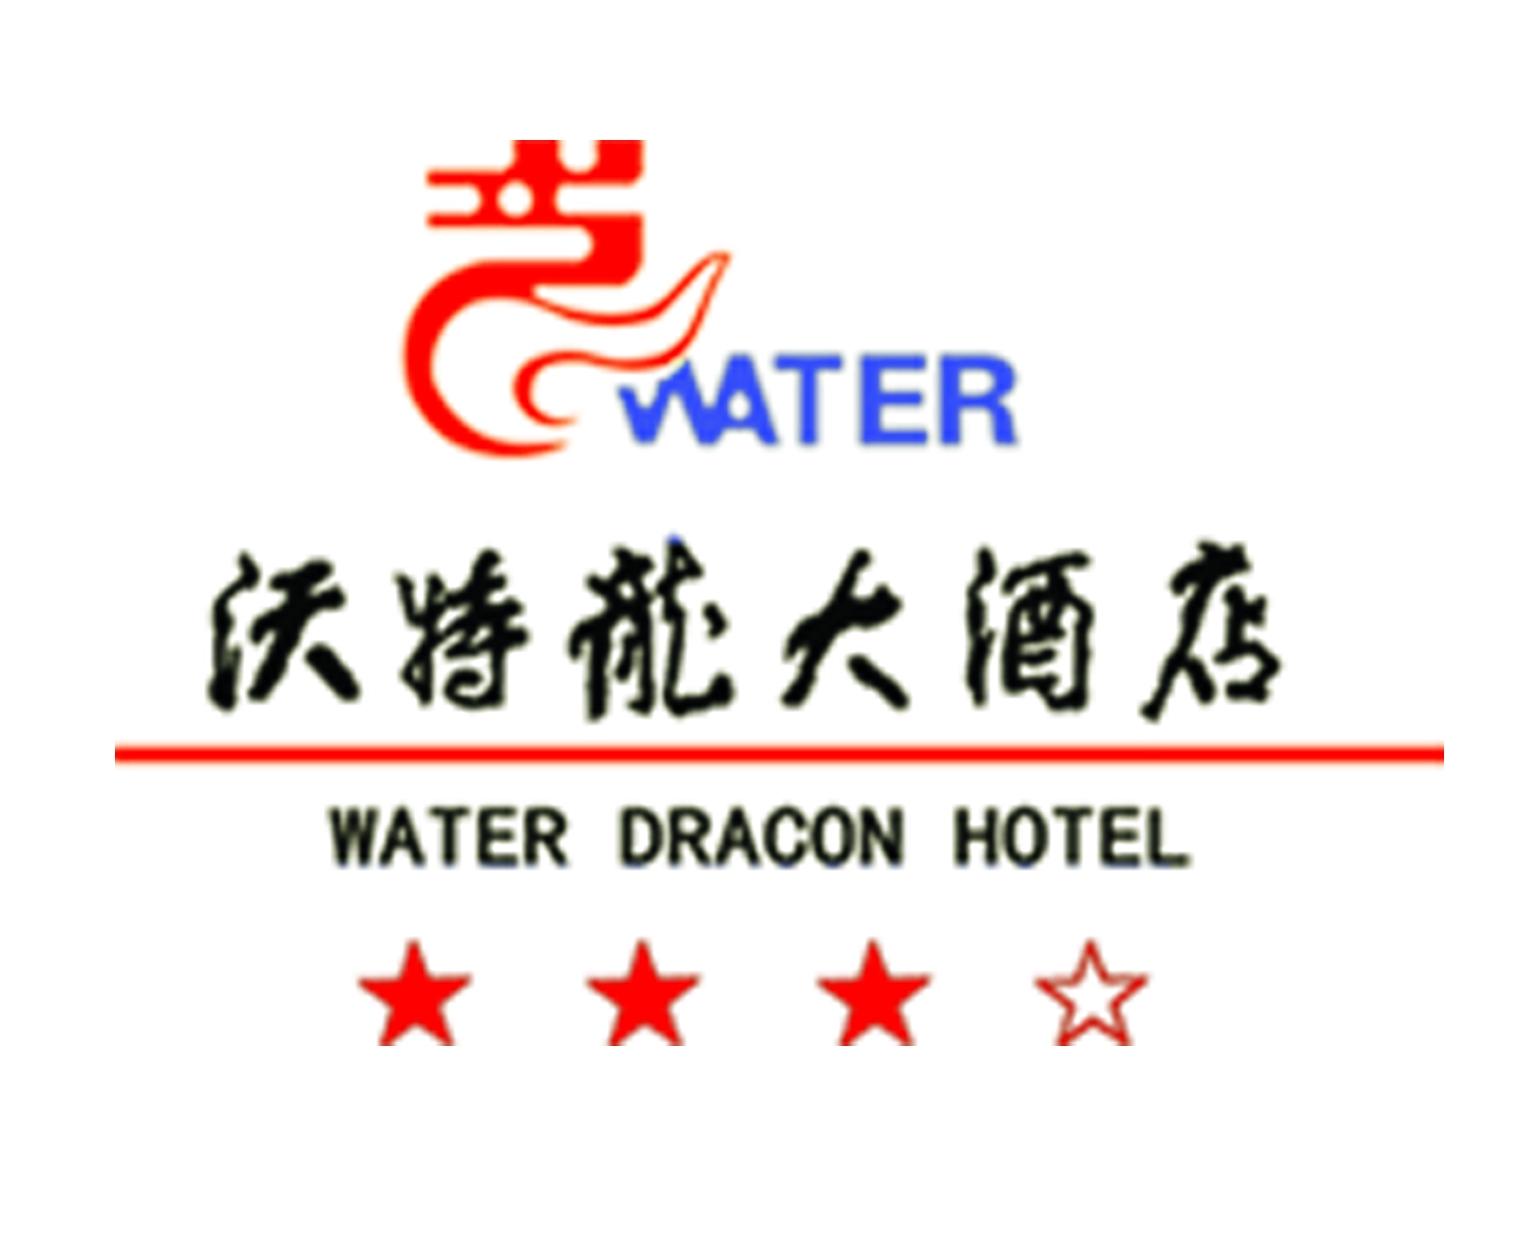 江苏润华水利开发有限公司沃特龙大酒店